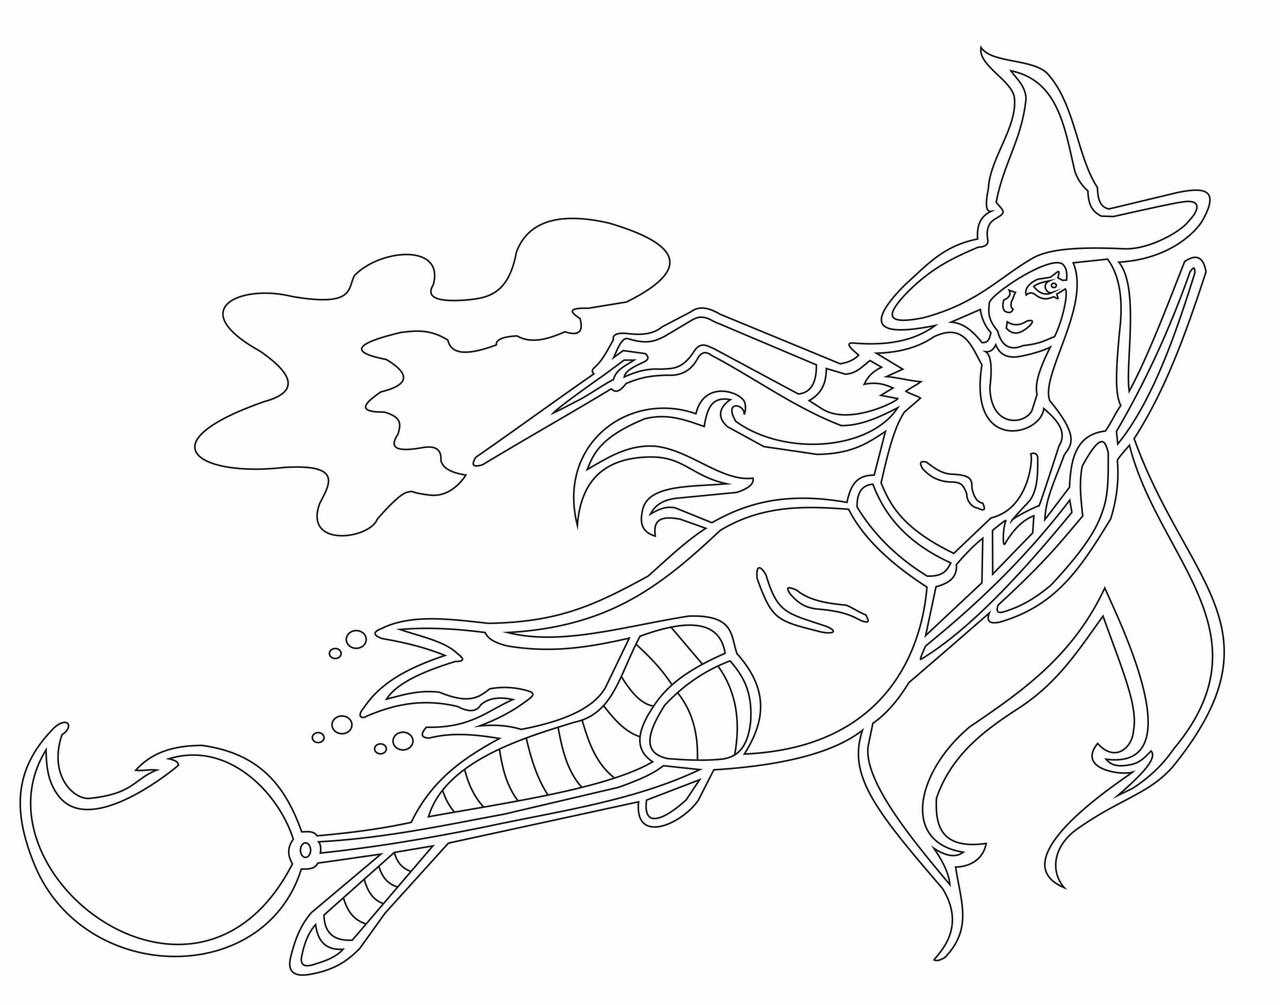 Цветной песок. Трафареты в ассортименте А5 - Трехслойная картонная основа с вырезанным лазером трафаретом формата А5 для рисования песком.